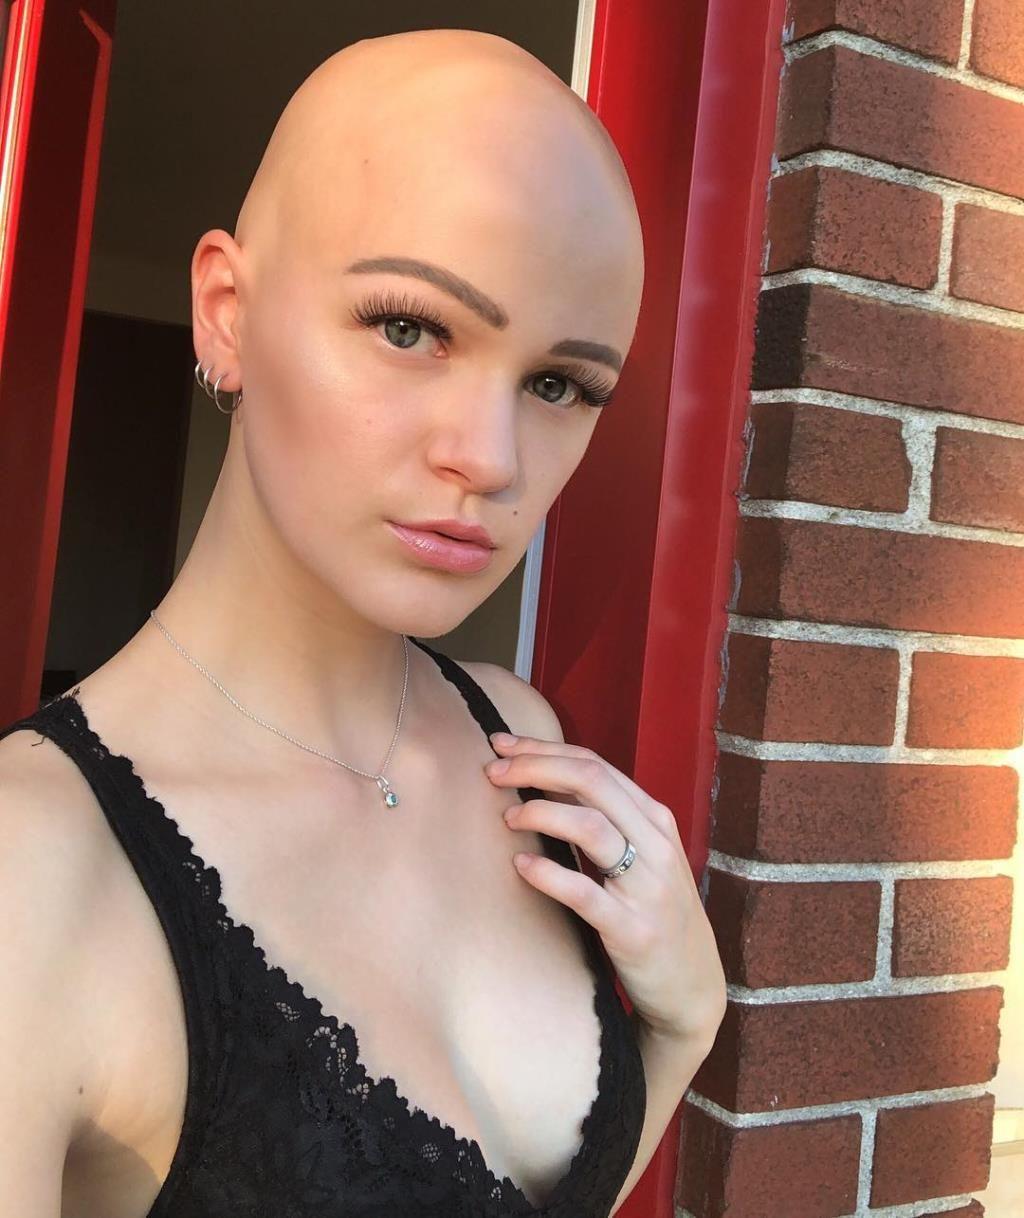 Bald guy with girl 7